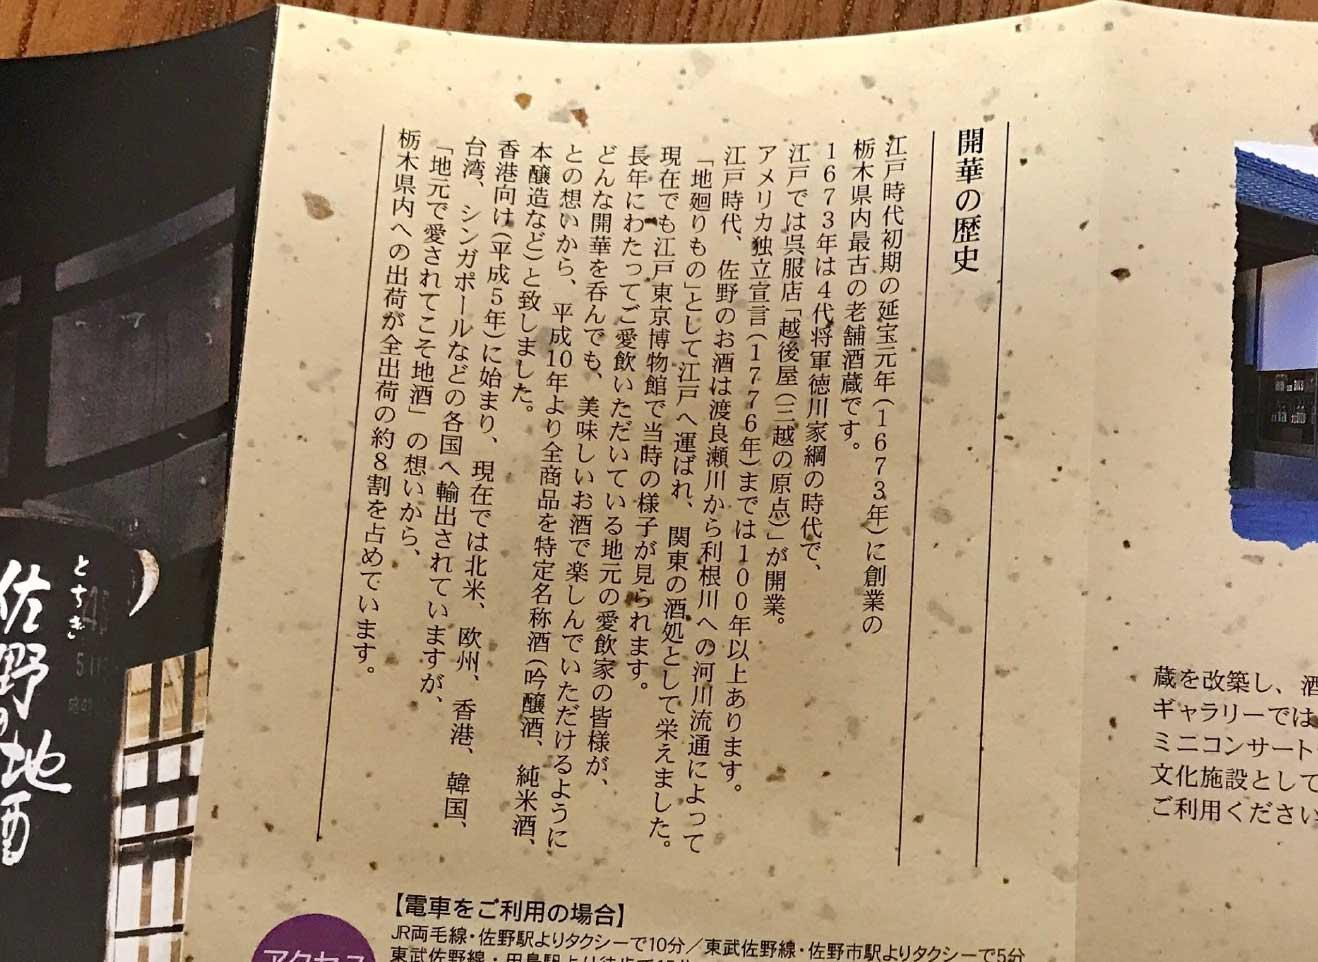 英語化をするまえの酒蔵の日本語パンフレット